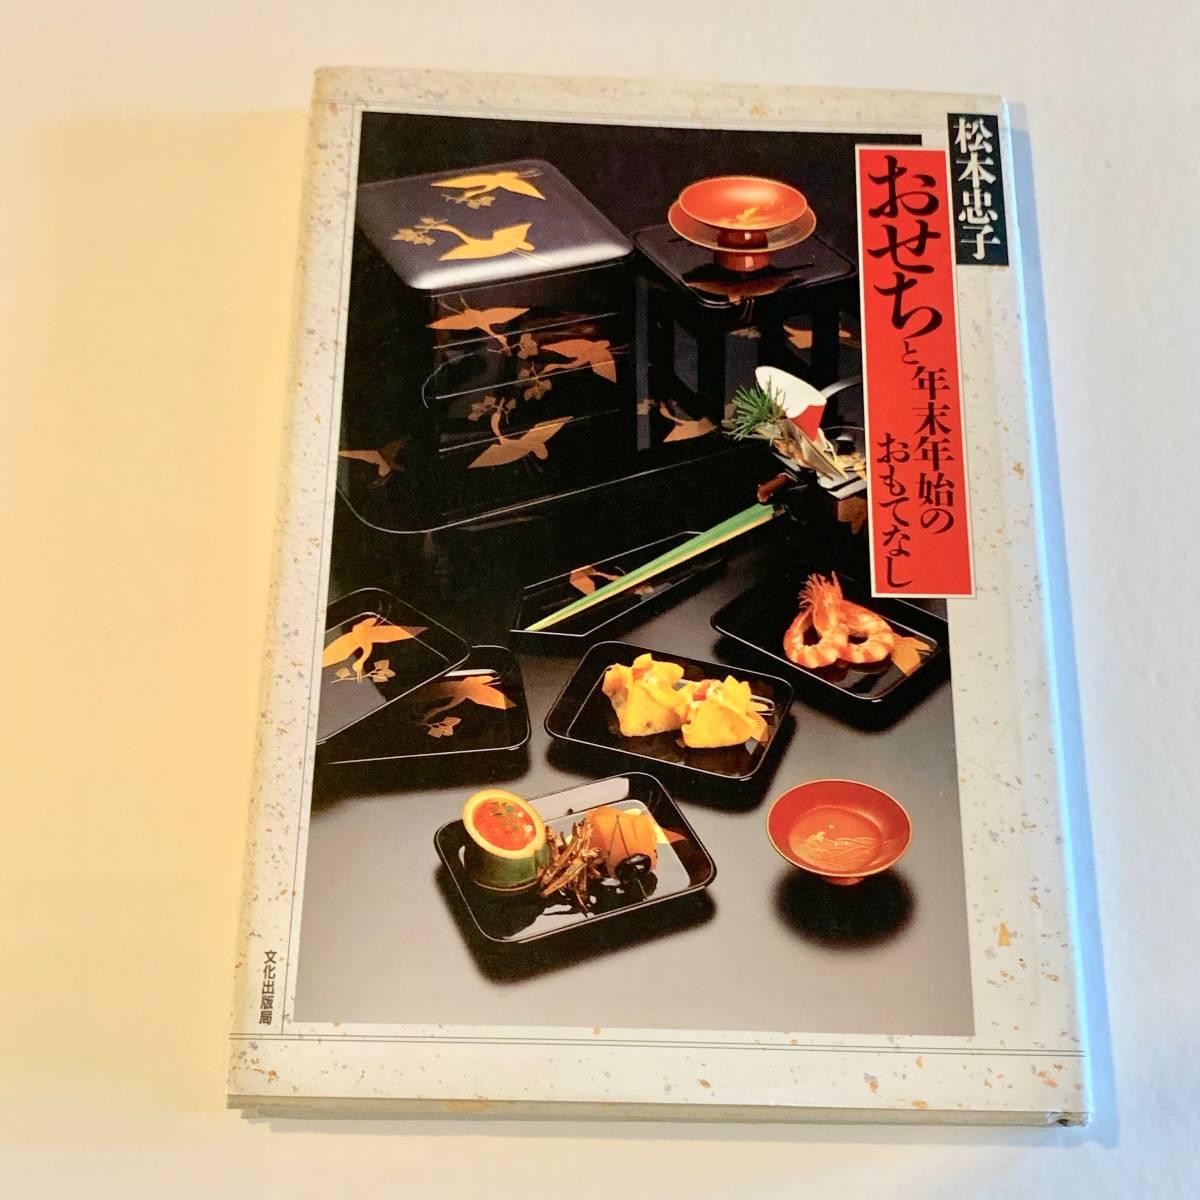 松本 忠子 おせちと年末年始のおもてなし 文化出版局 お正月 レシピ